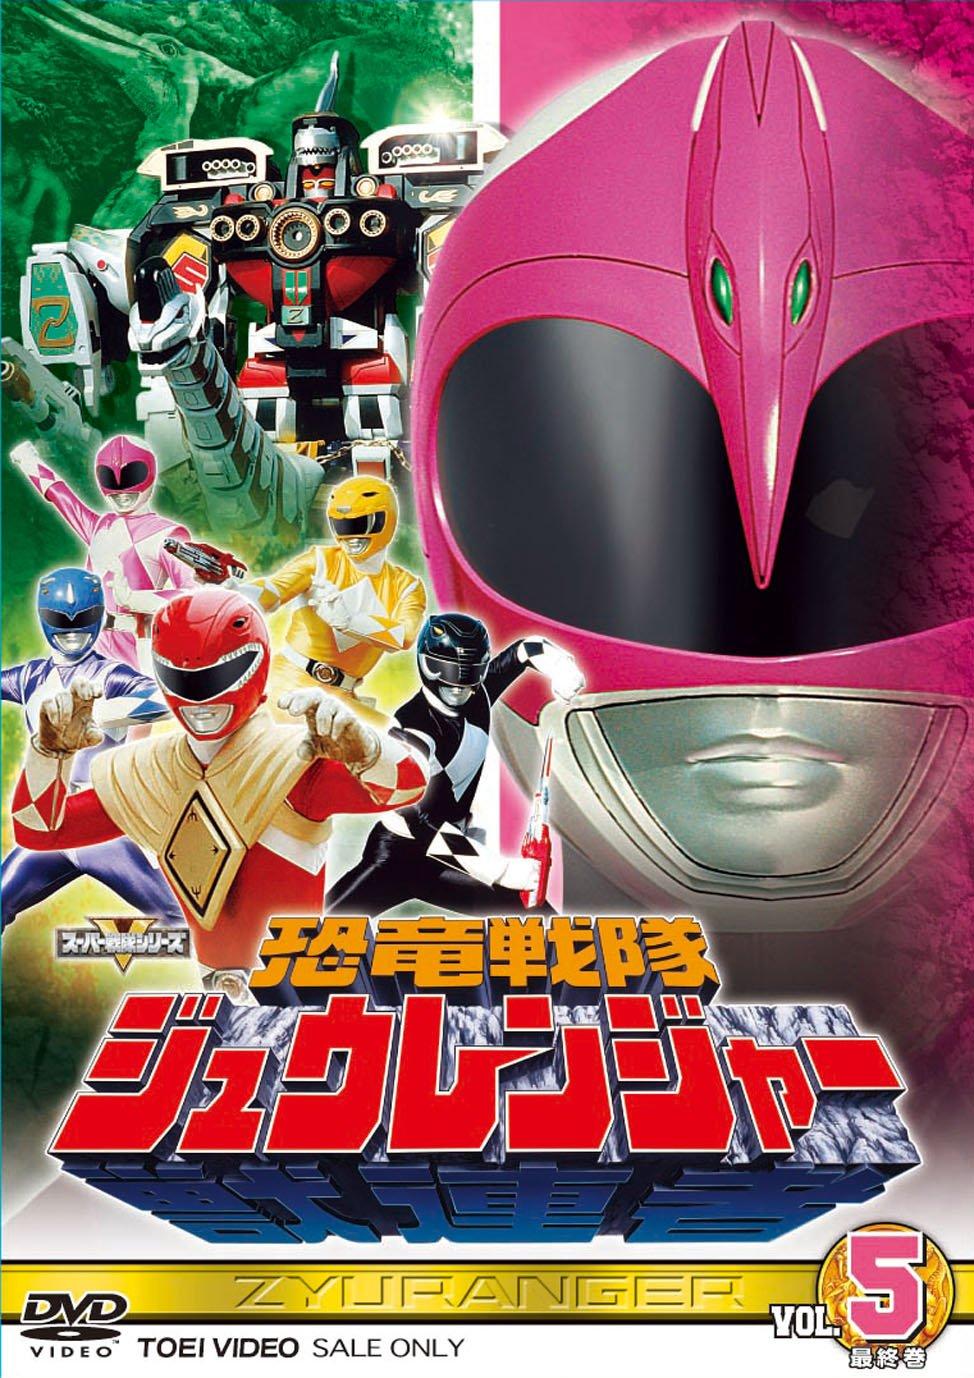 スーパー戦隊シリーズ 恐竜戦隊ジュウレンジャー VOL.5<完>【DVD】 B0041Q3J5C